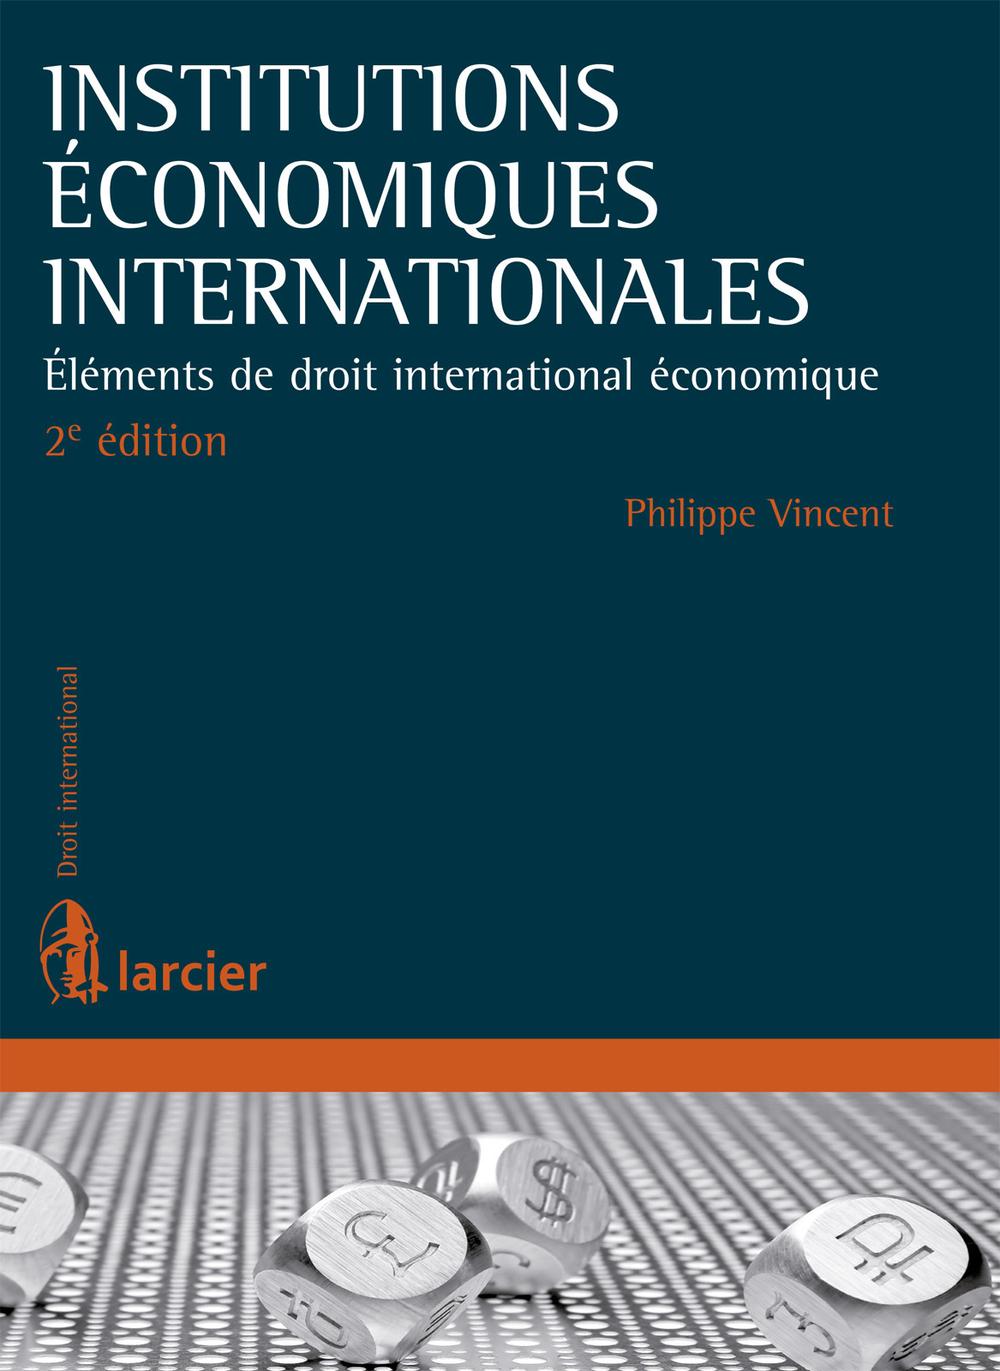 Institutions économiques internationales